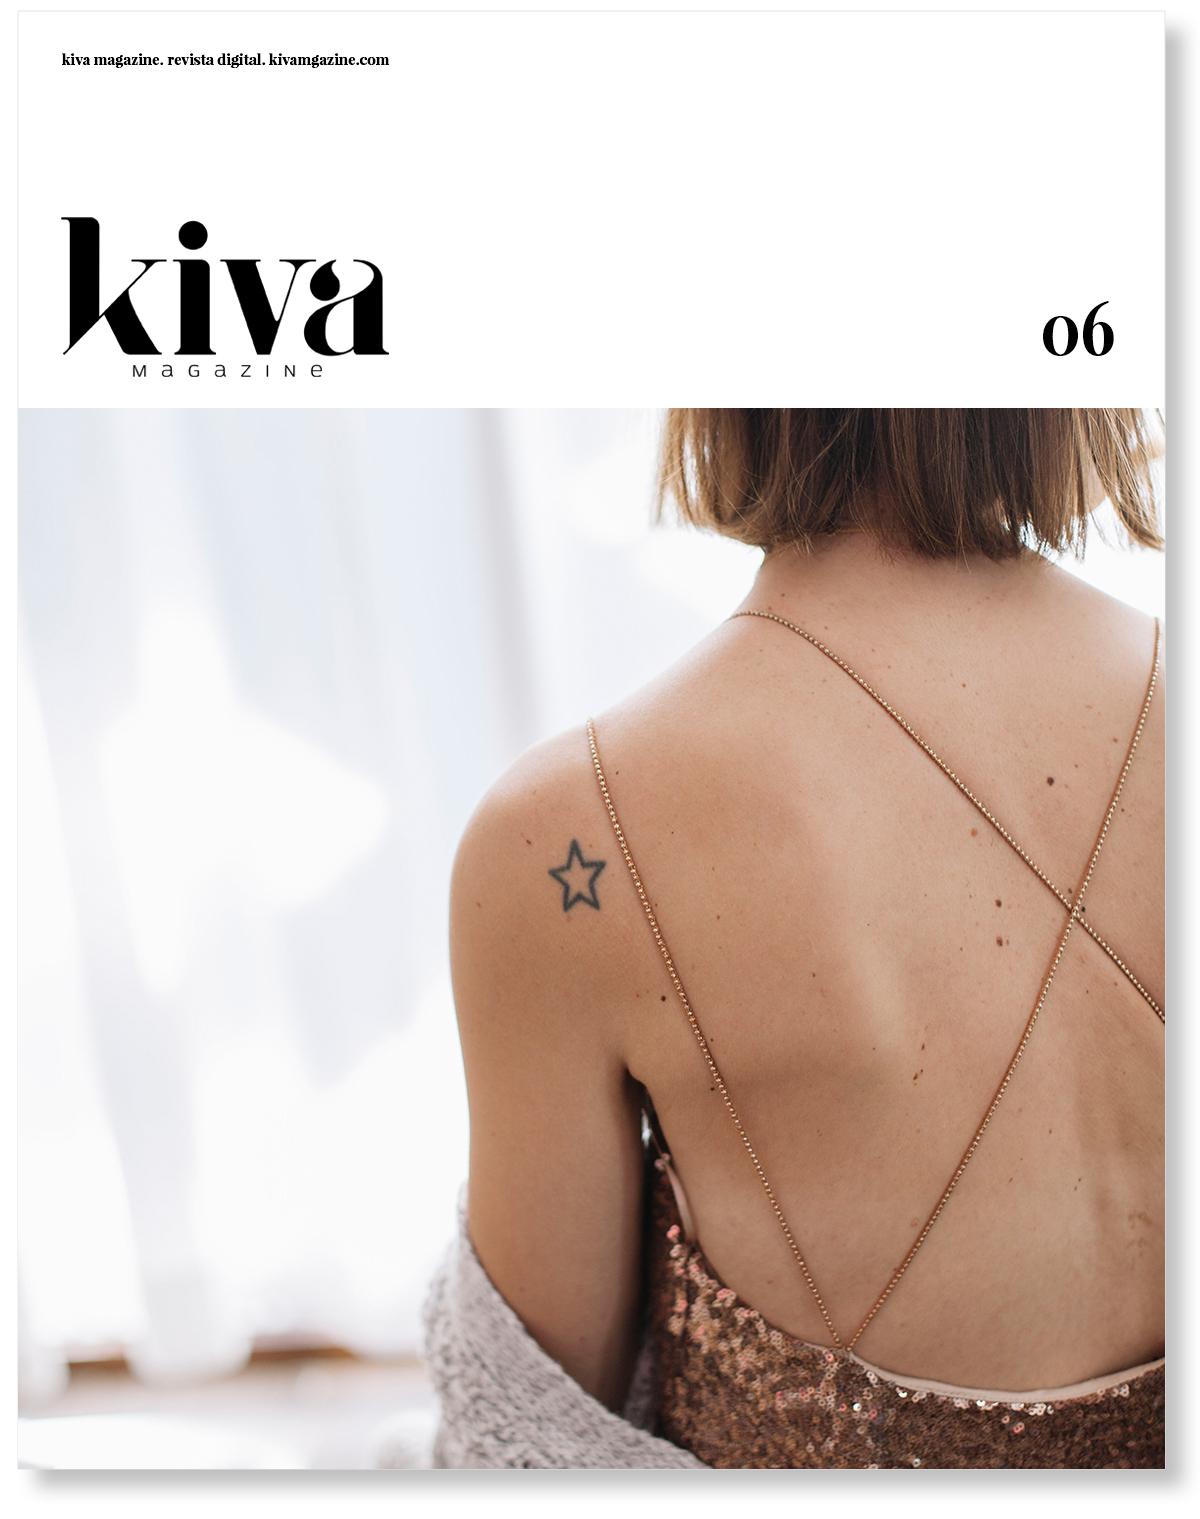 Número seis Kiva magazine, portada